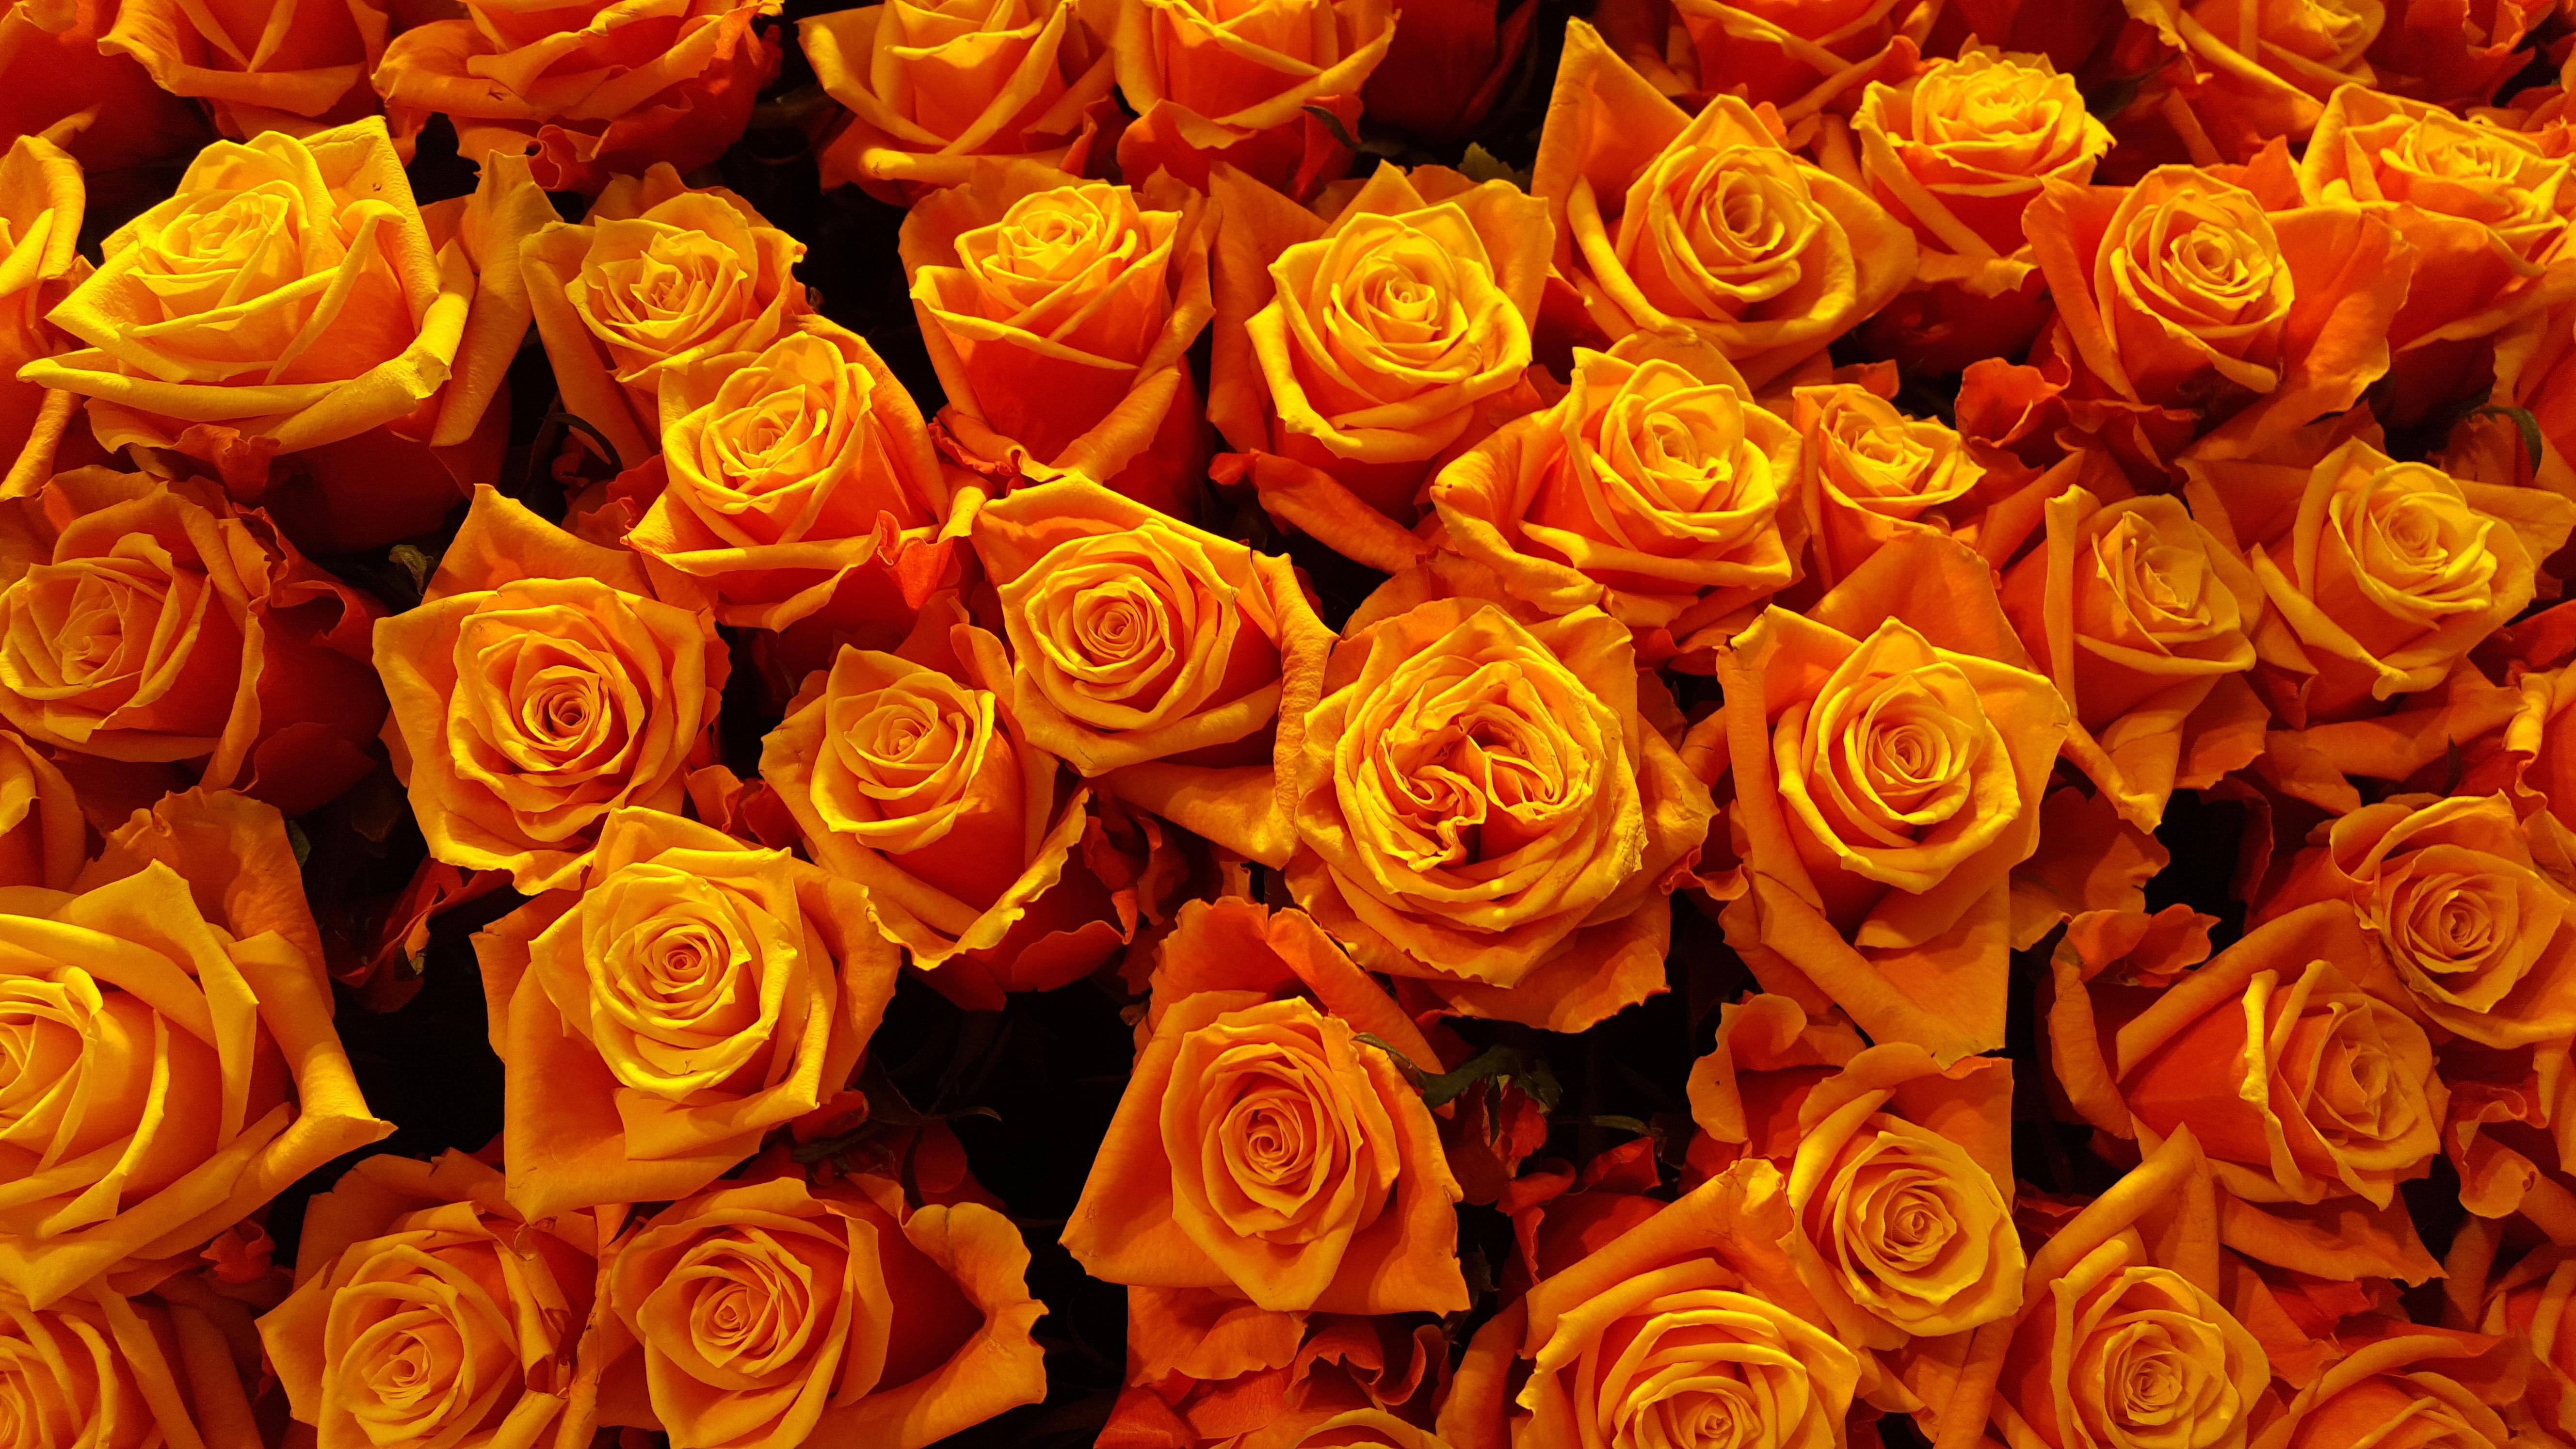 красивые картинки желто-красных роз желания